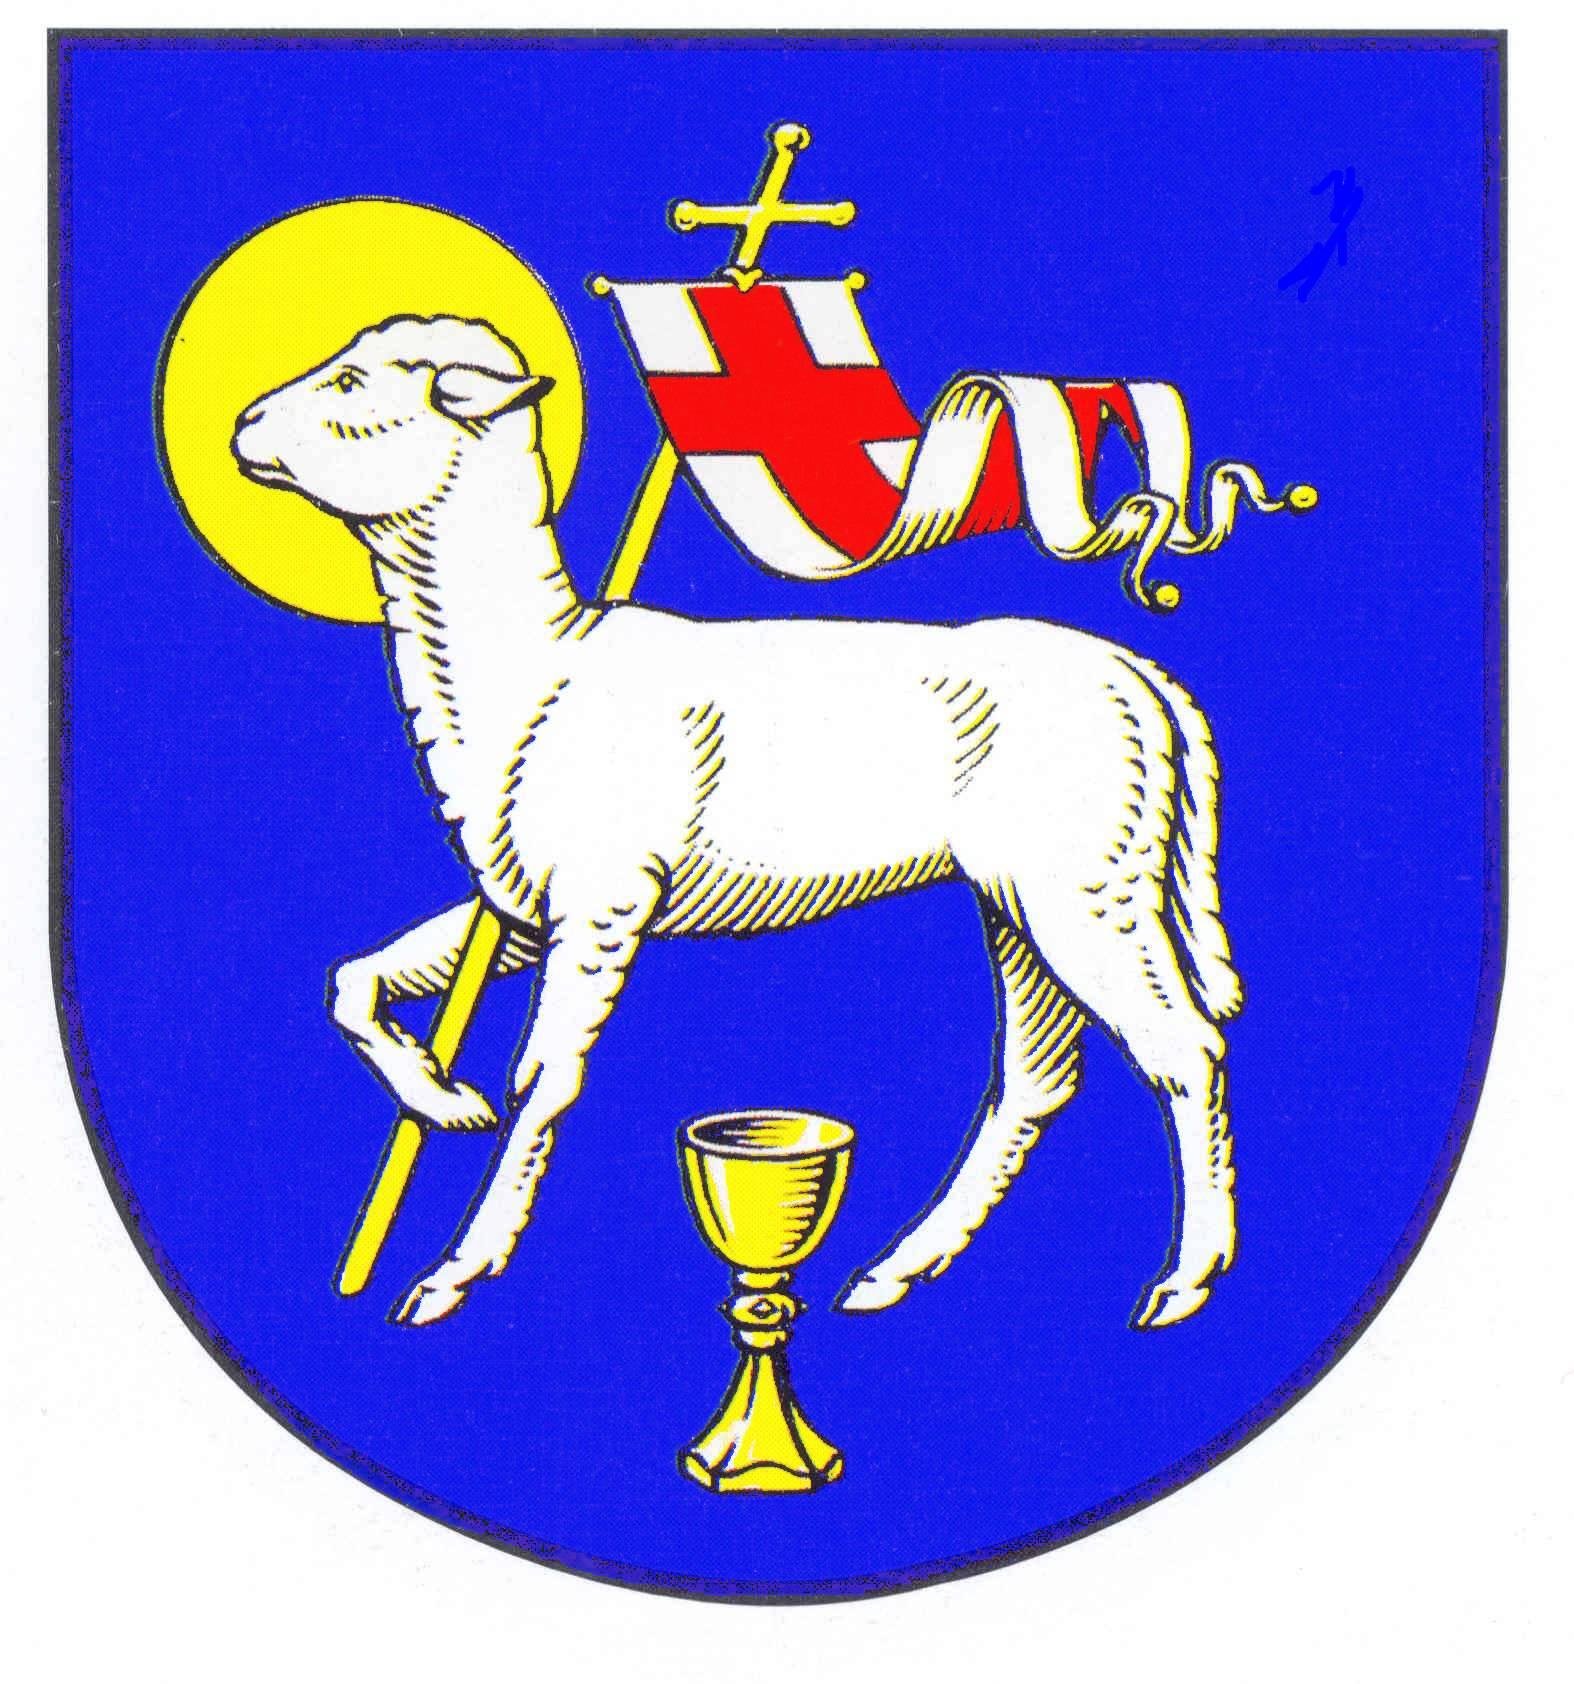 Wappen StadtGarding, Kreis Nordfriesland